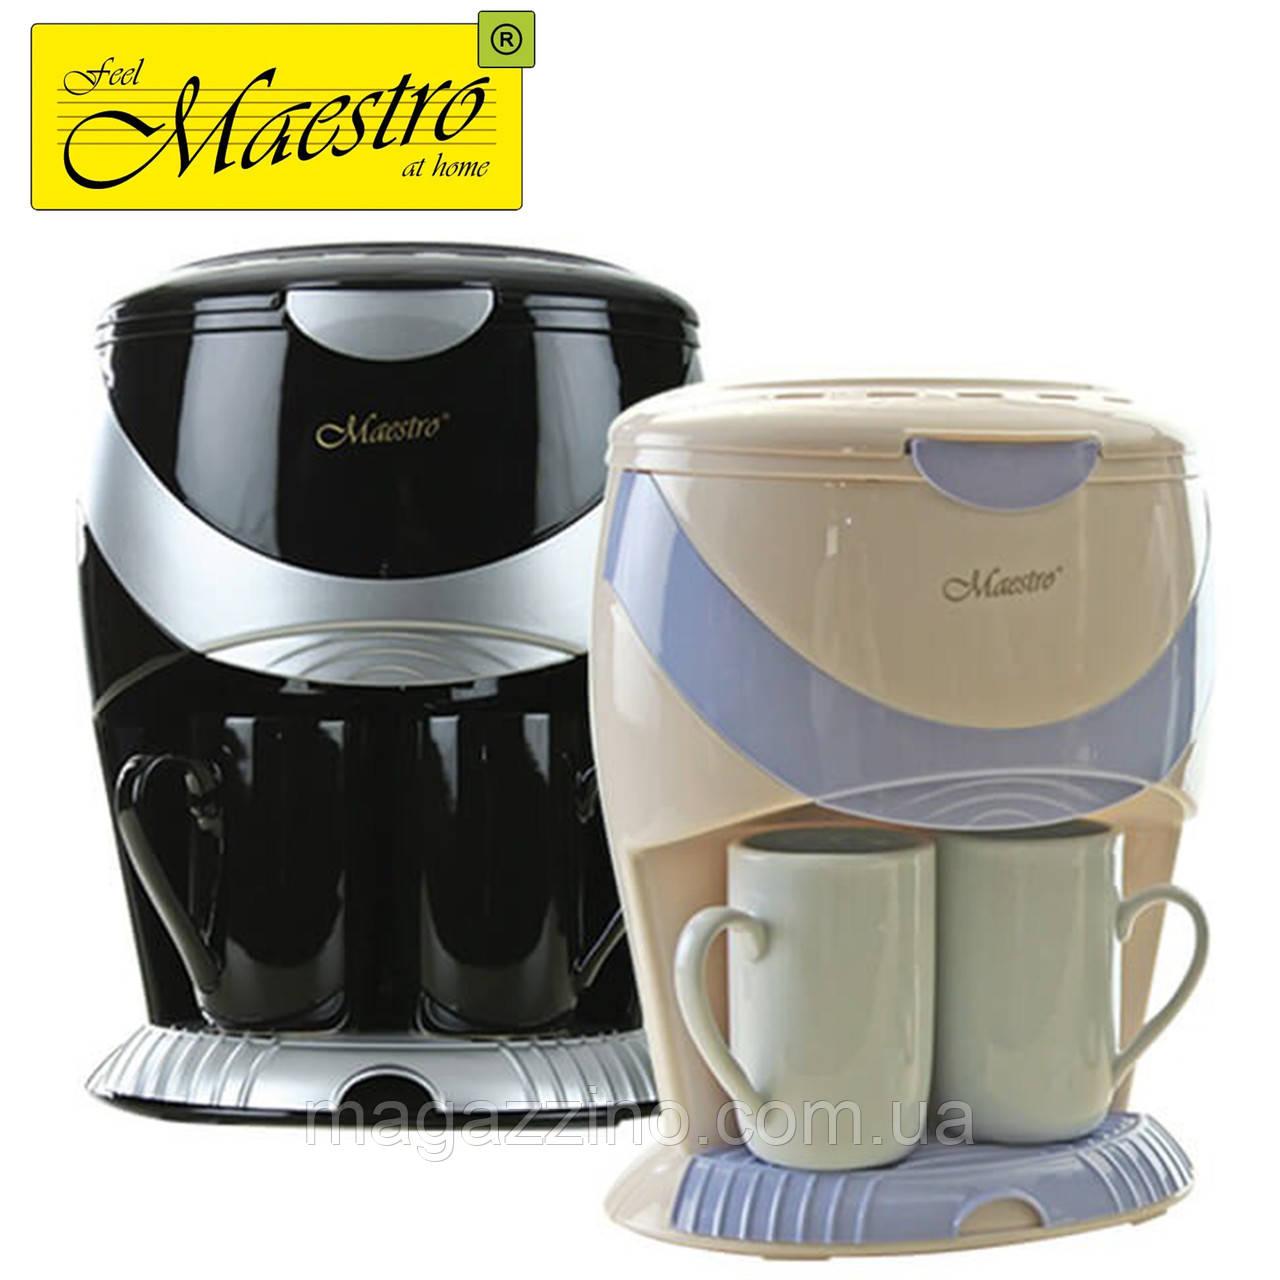 Кофеварка на 2 чашки Maestro MR-402, 600 Вт.